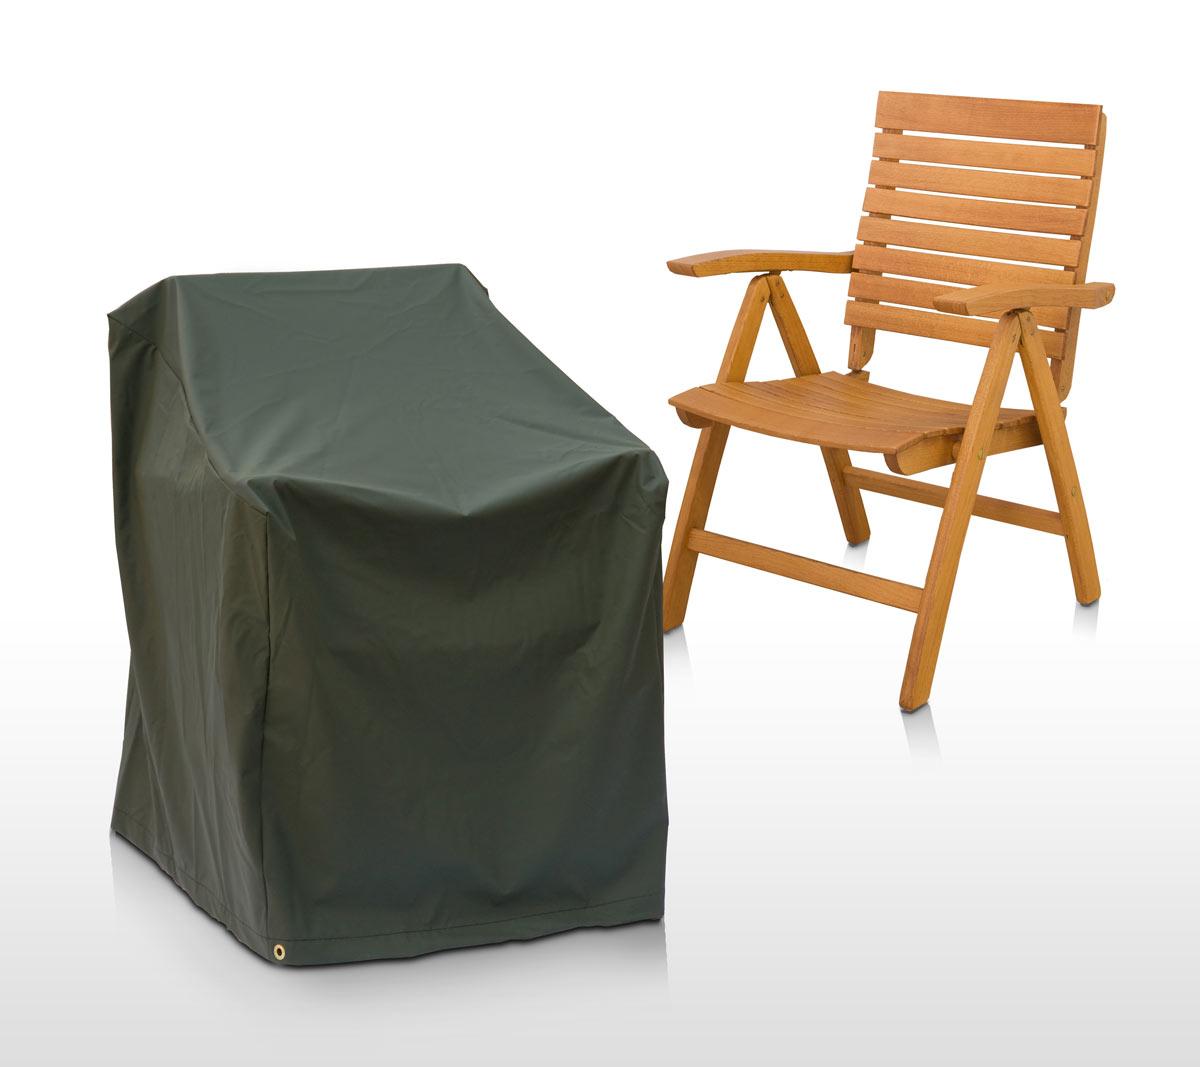 eigbrecht 146250 abdeckhaube schutzh lle f r niederlehner 63x63x80 65cm. Black Bedroom Furniture Sets. Home Design Ideas